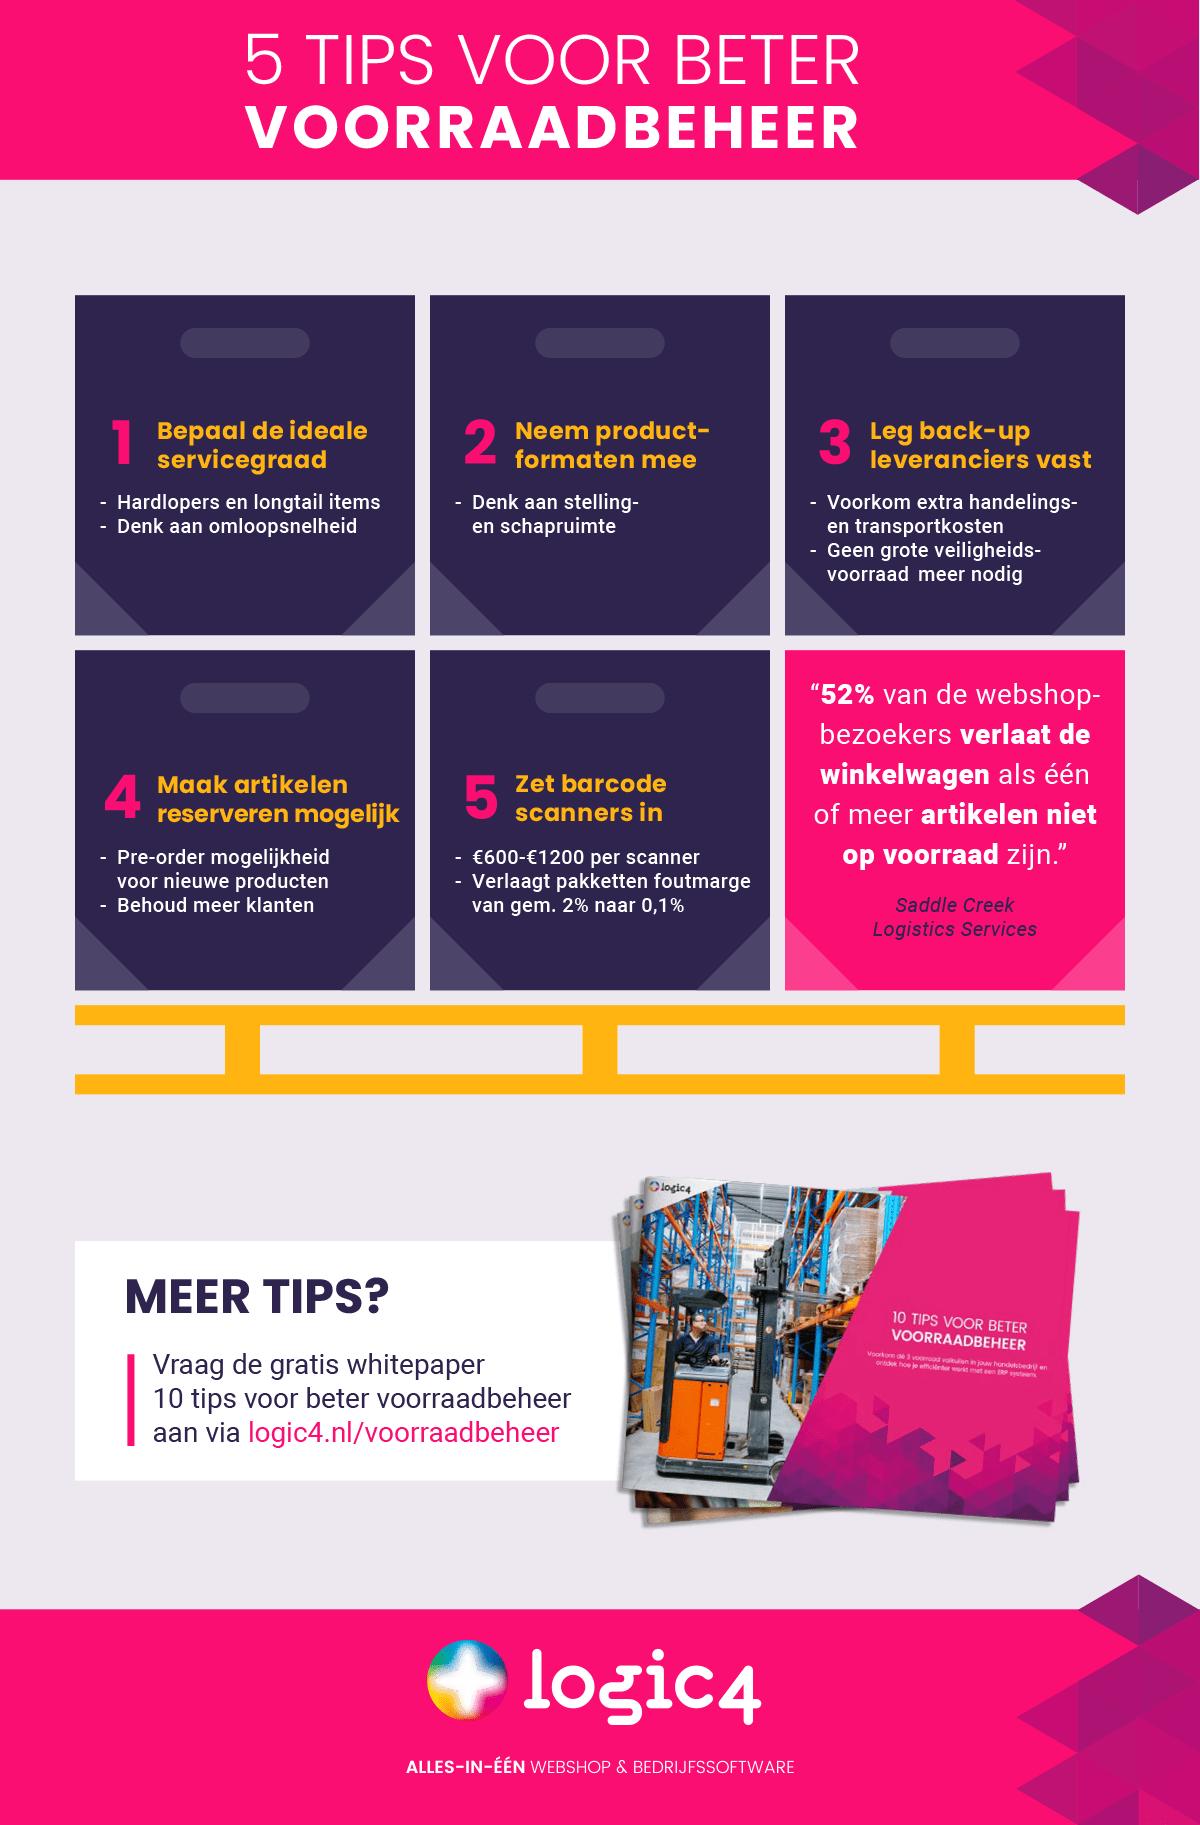 infographic-5-tips-beter-voorraadbeheer